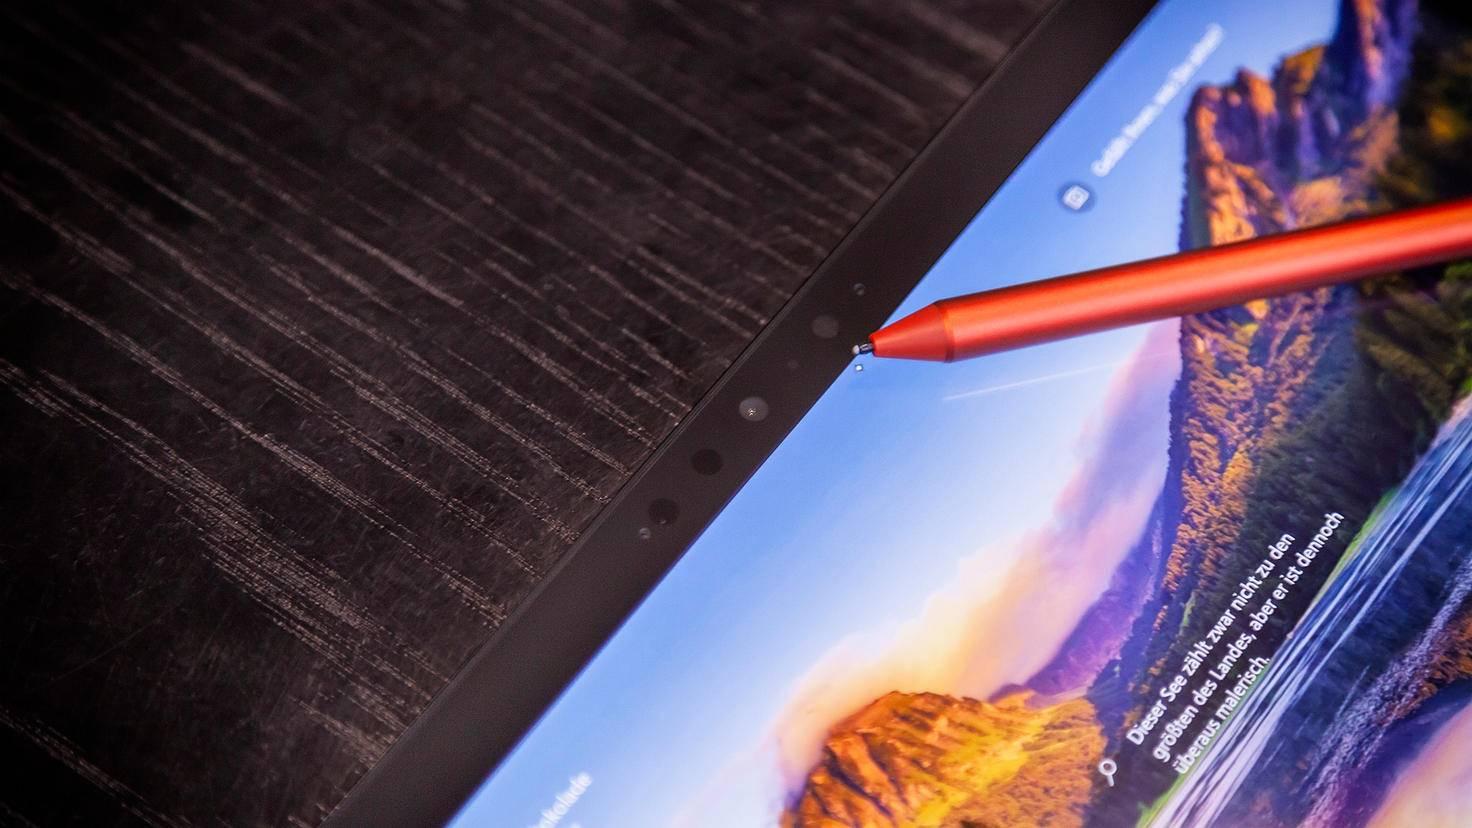 Microsoft-Surface-Pro-7-10